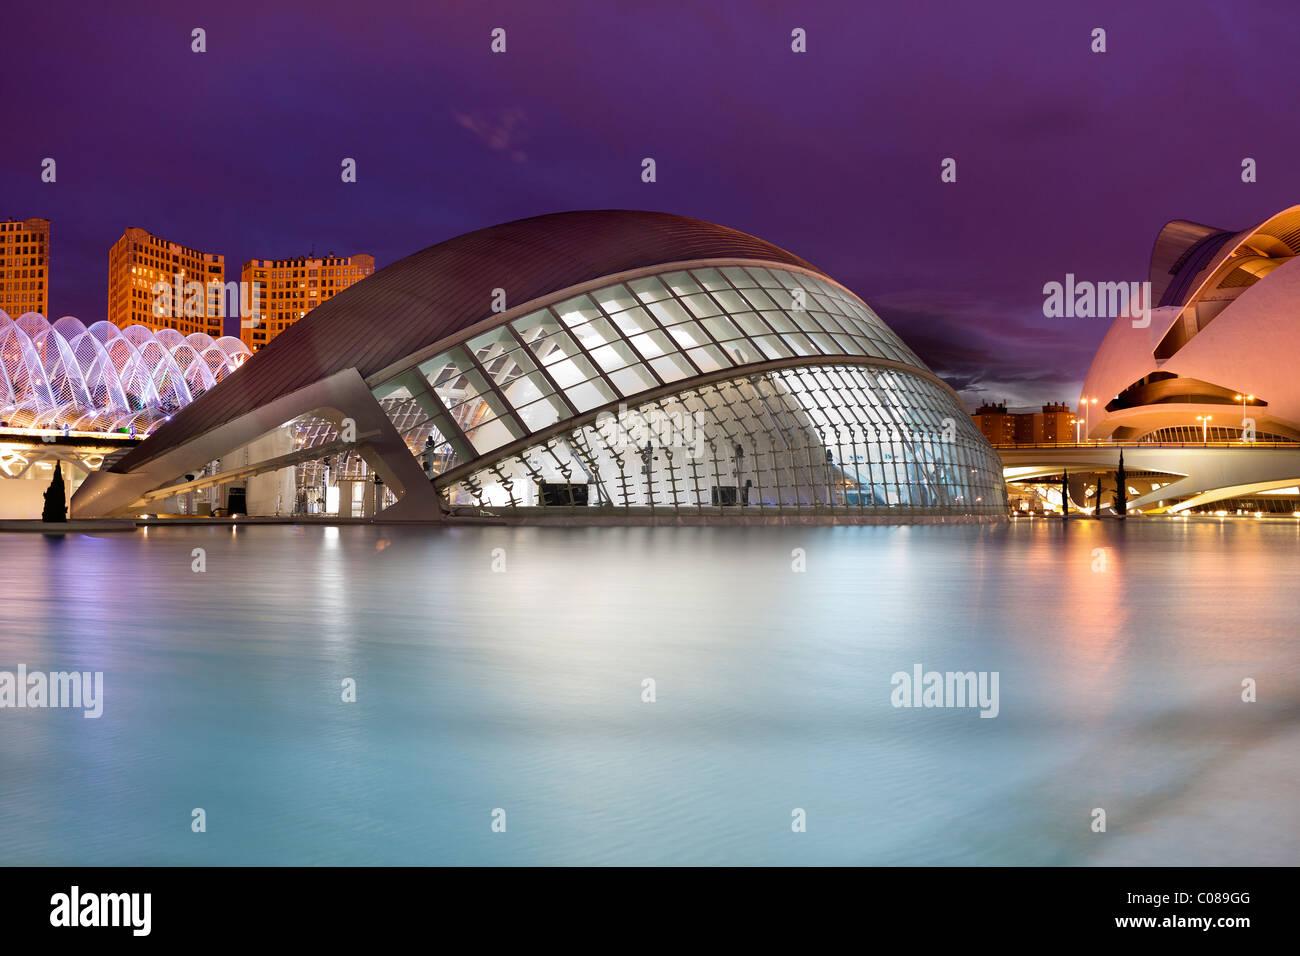 VALENCIA, ESPAÑA - JAN 7: La ciudad de Las Artes y las Ciencias (CAC) recibe diariamente un promedio de 9,373 Imagen De Stock